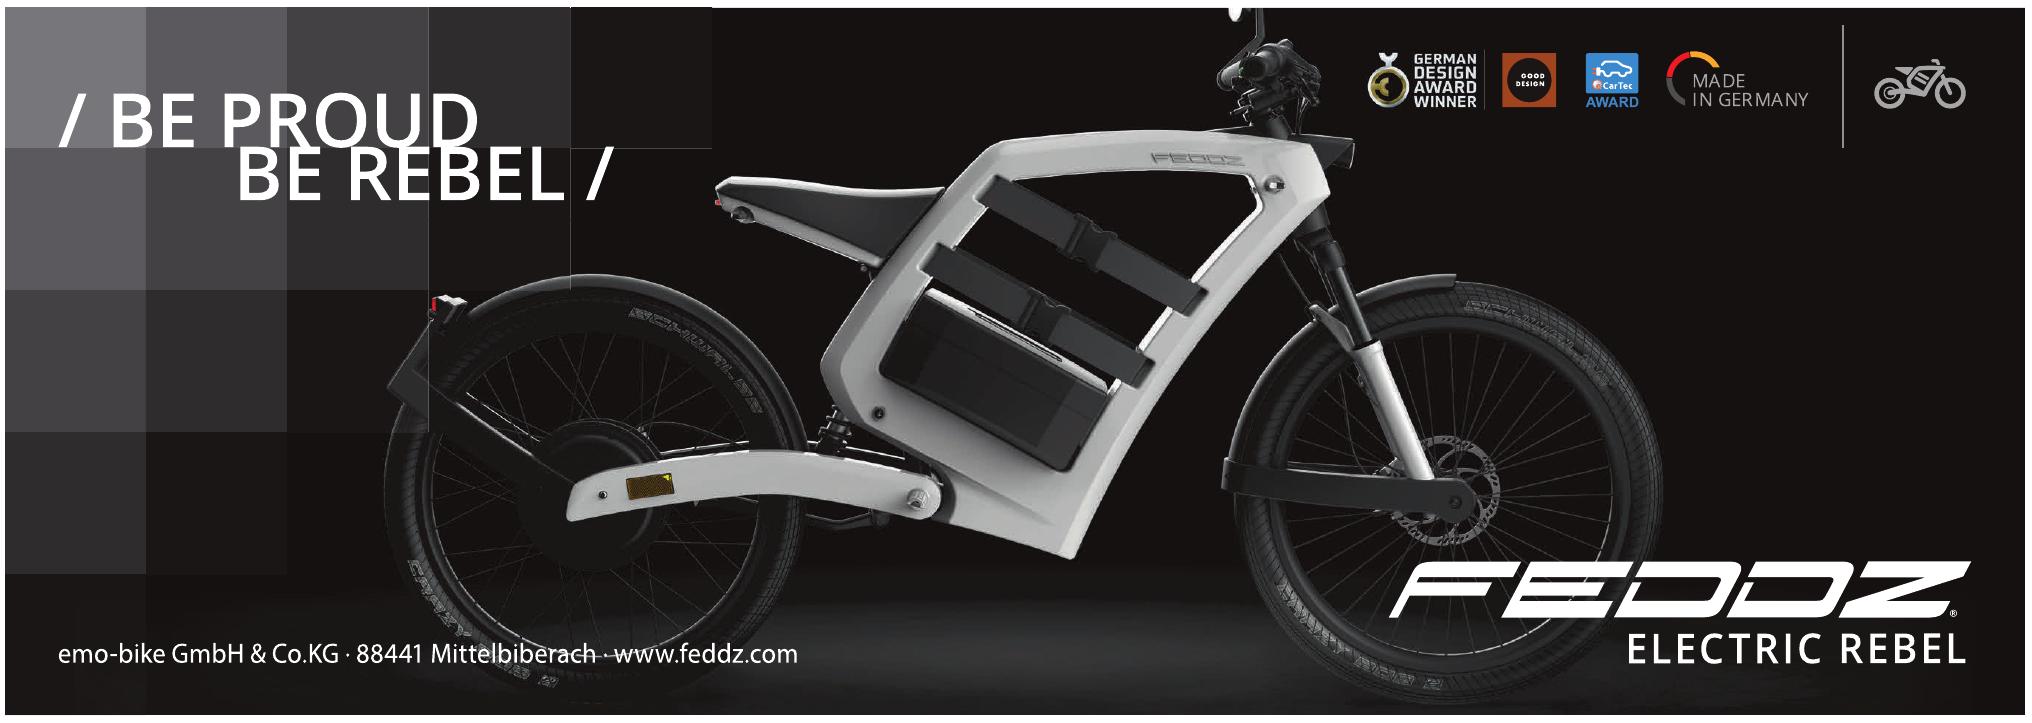 emo-bike GmbH und Co.KG